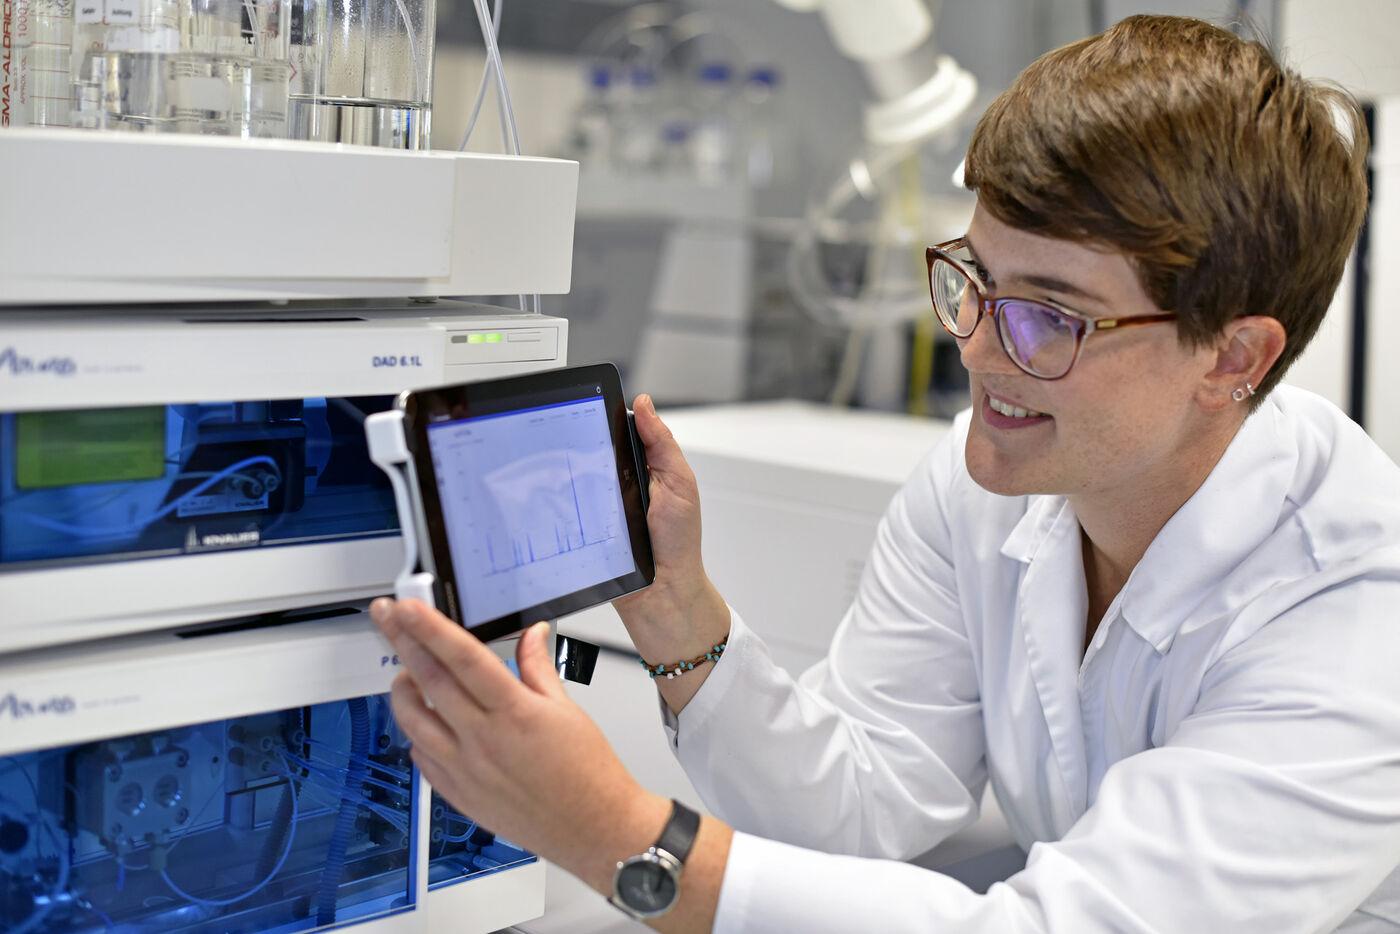 Produkttester für HPLC-Geräte und Software (m/w/d) - Job - Jobs at KNAUER